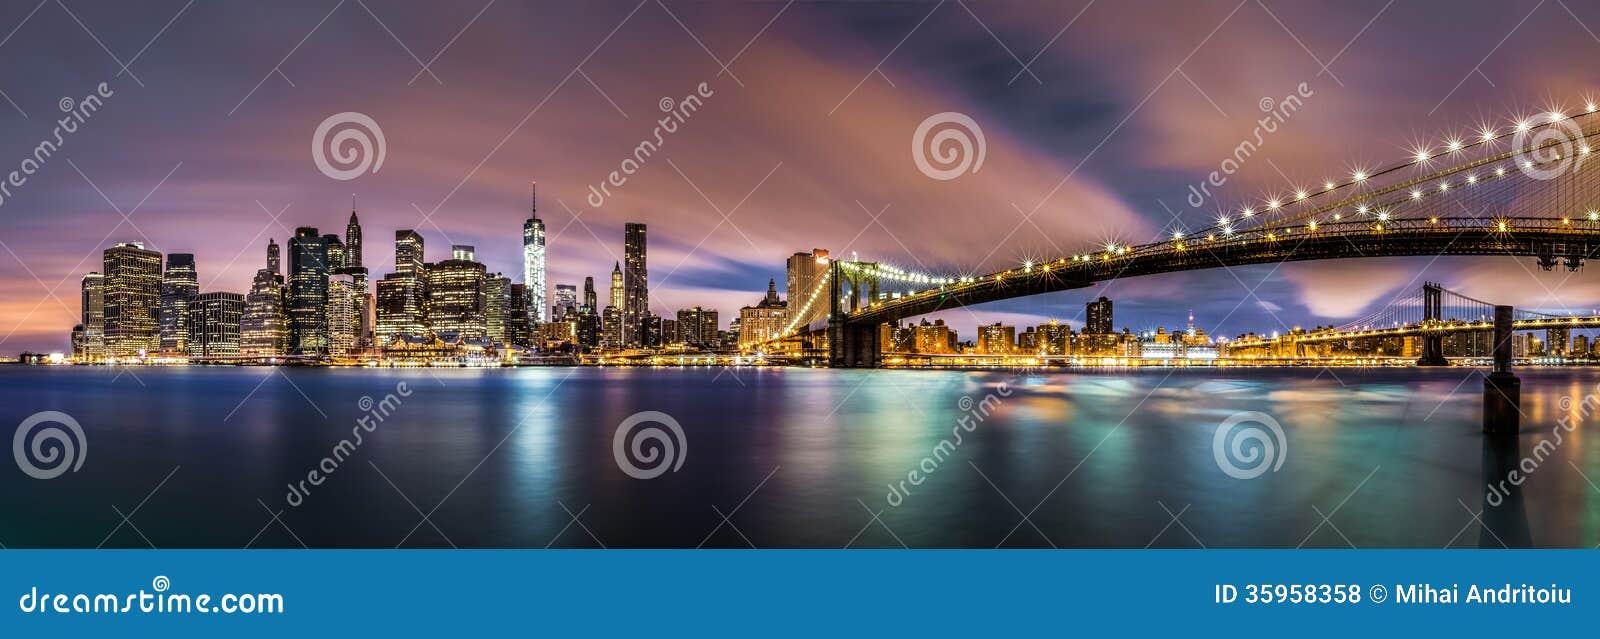 Nuevo amanecer sobre el Lower Manhattan